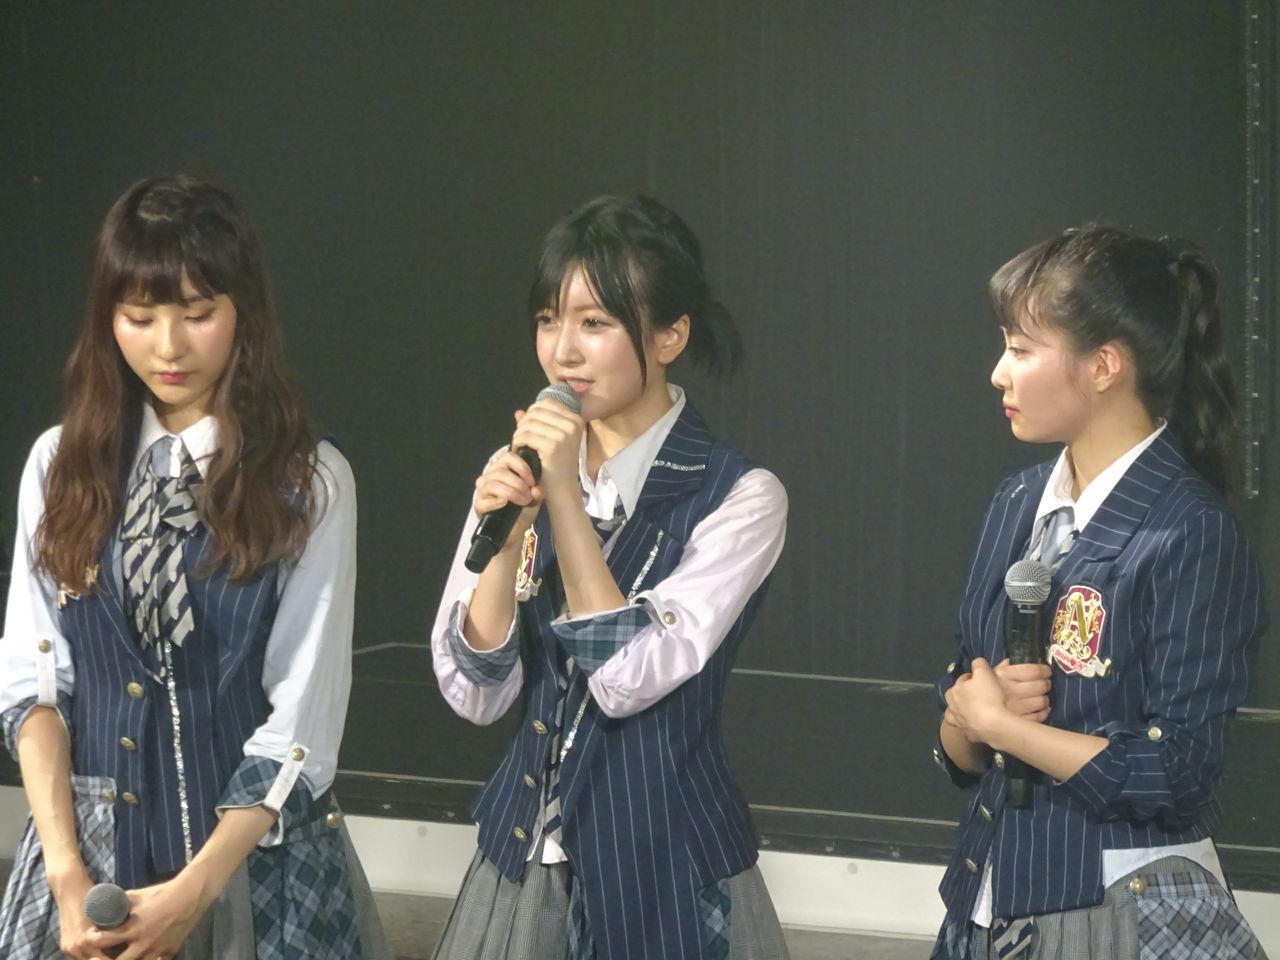 【NMB48】須藤凜々花卒業後のNMB48チームNがやばいwwwwww【フラグシップチーム】